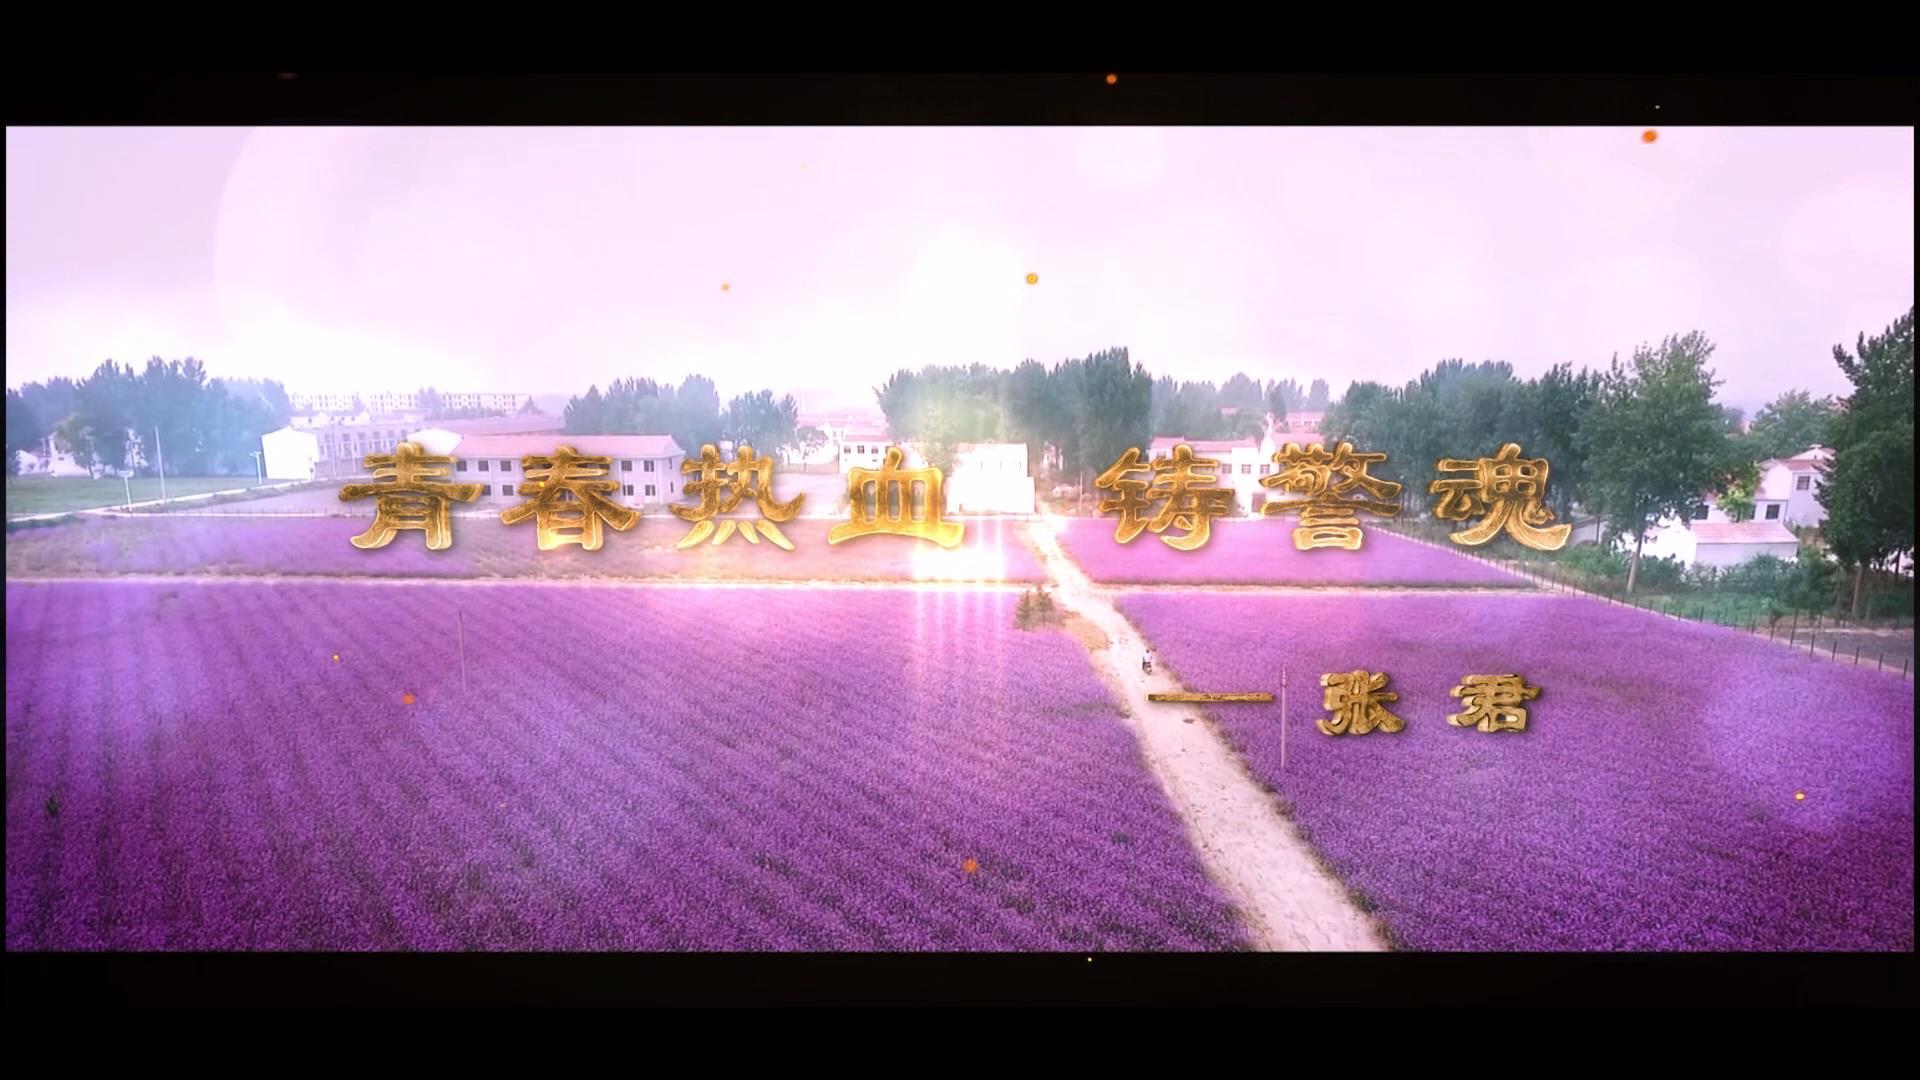 微电影ゞ青春热血铸警魂〃�淮北市张君�[00_00_46][20190114-112524].jpg